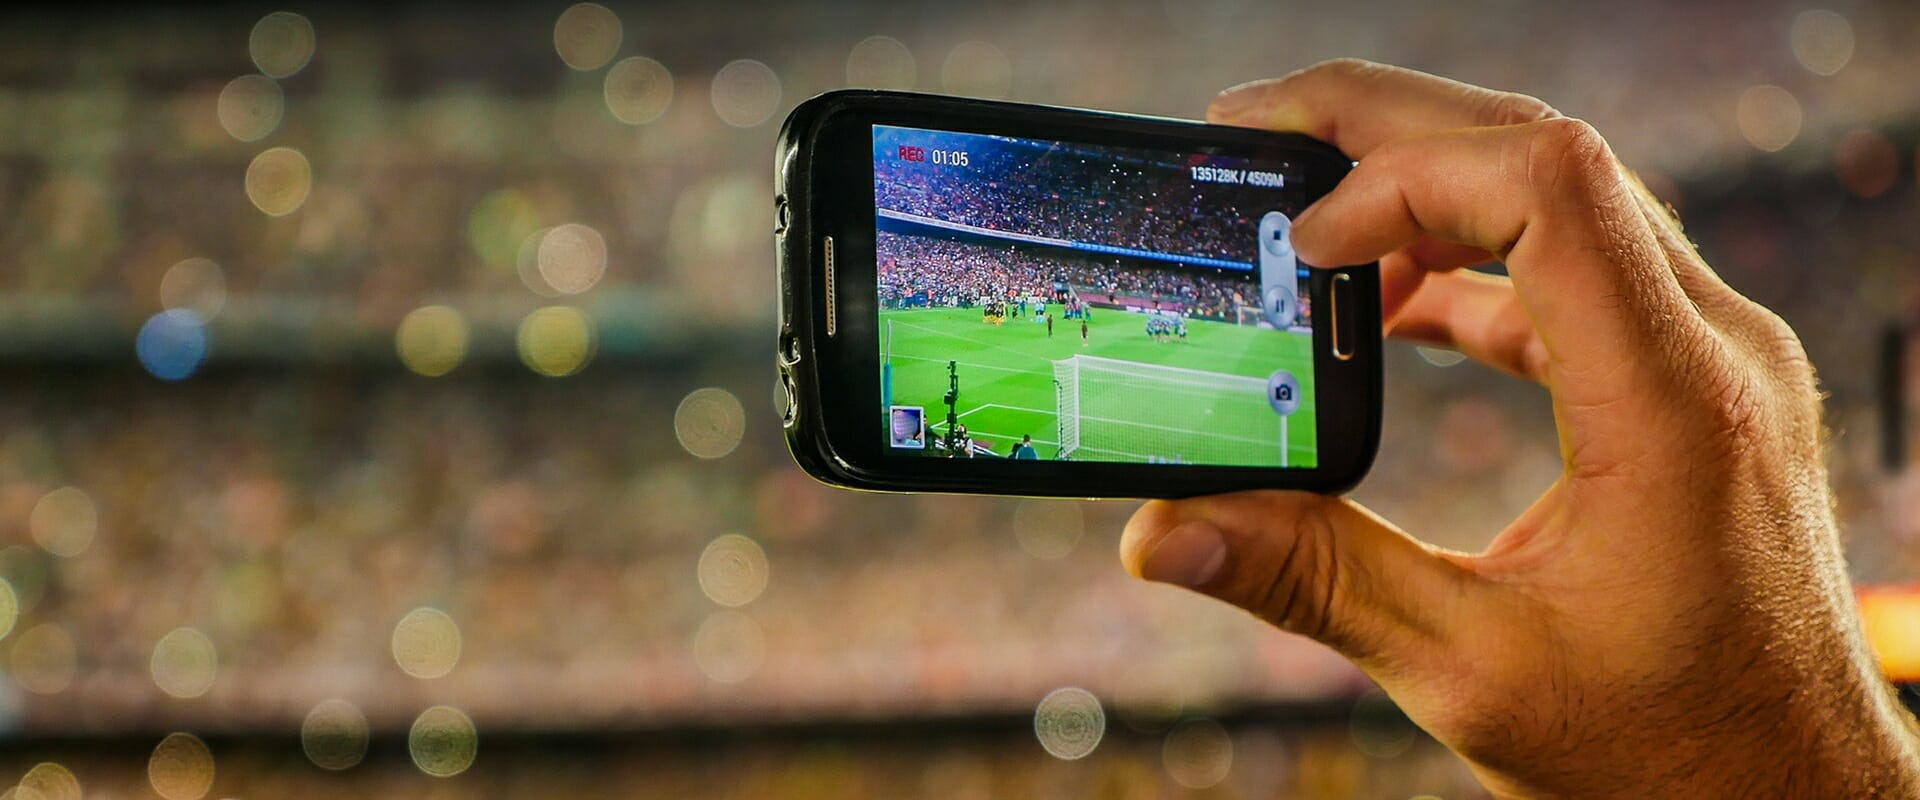 social fan engagement all'interno dello stadio